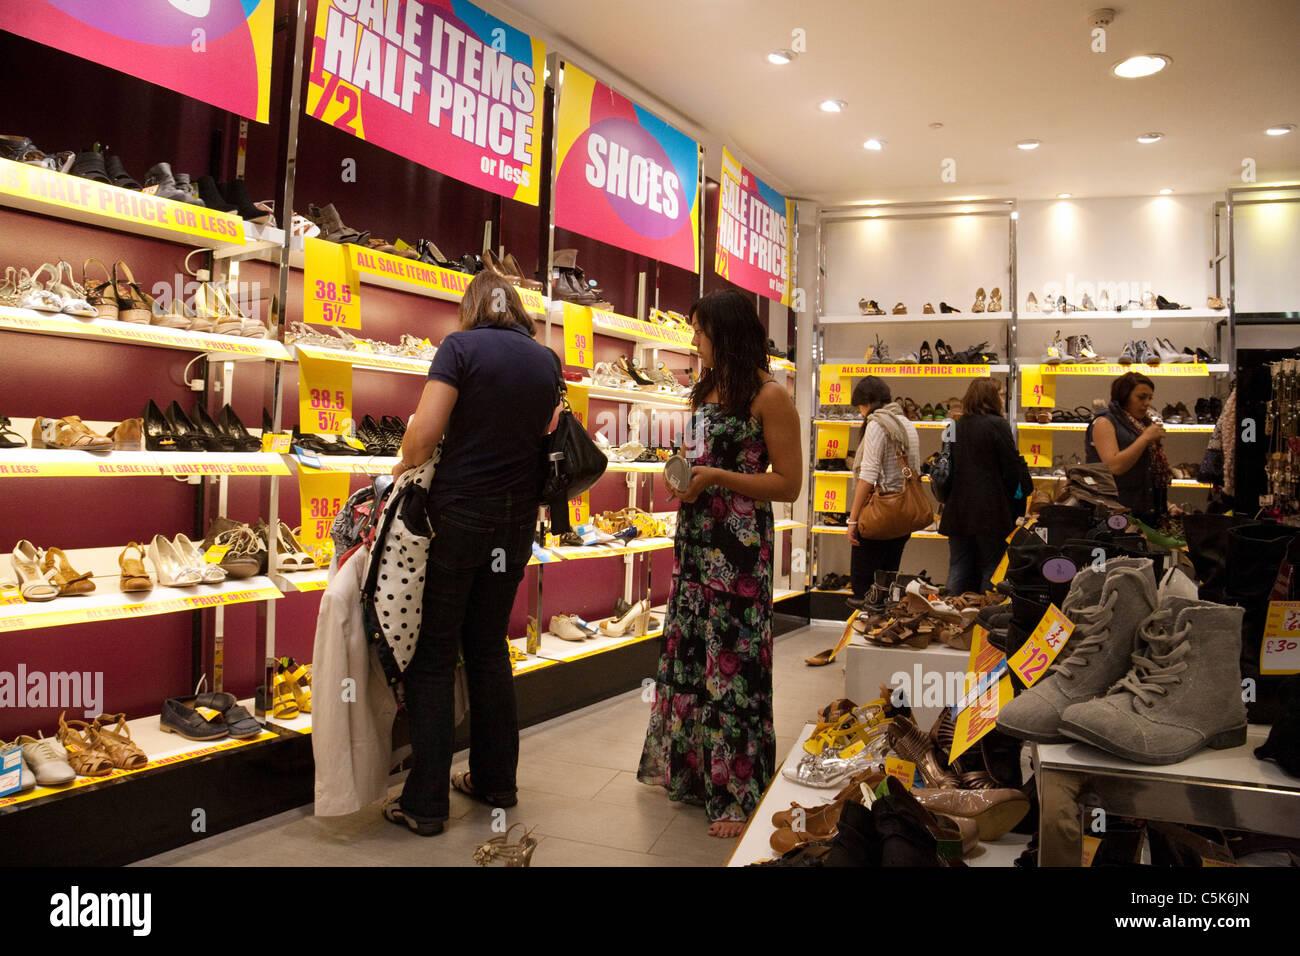 Shoes Sale In Shoe Shop Stockfotos und bilder Kaufen Alamy